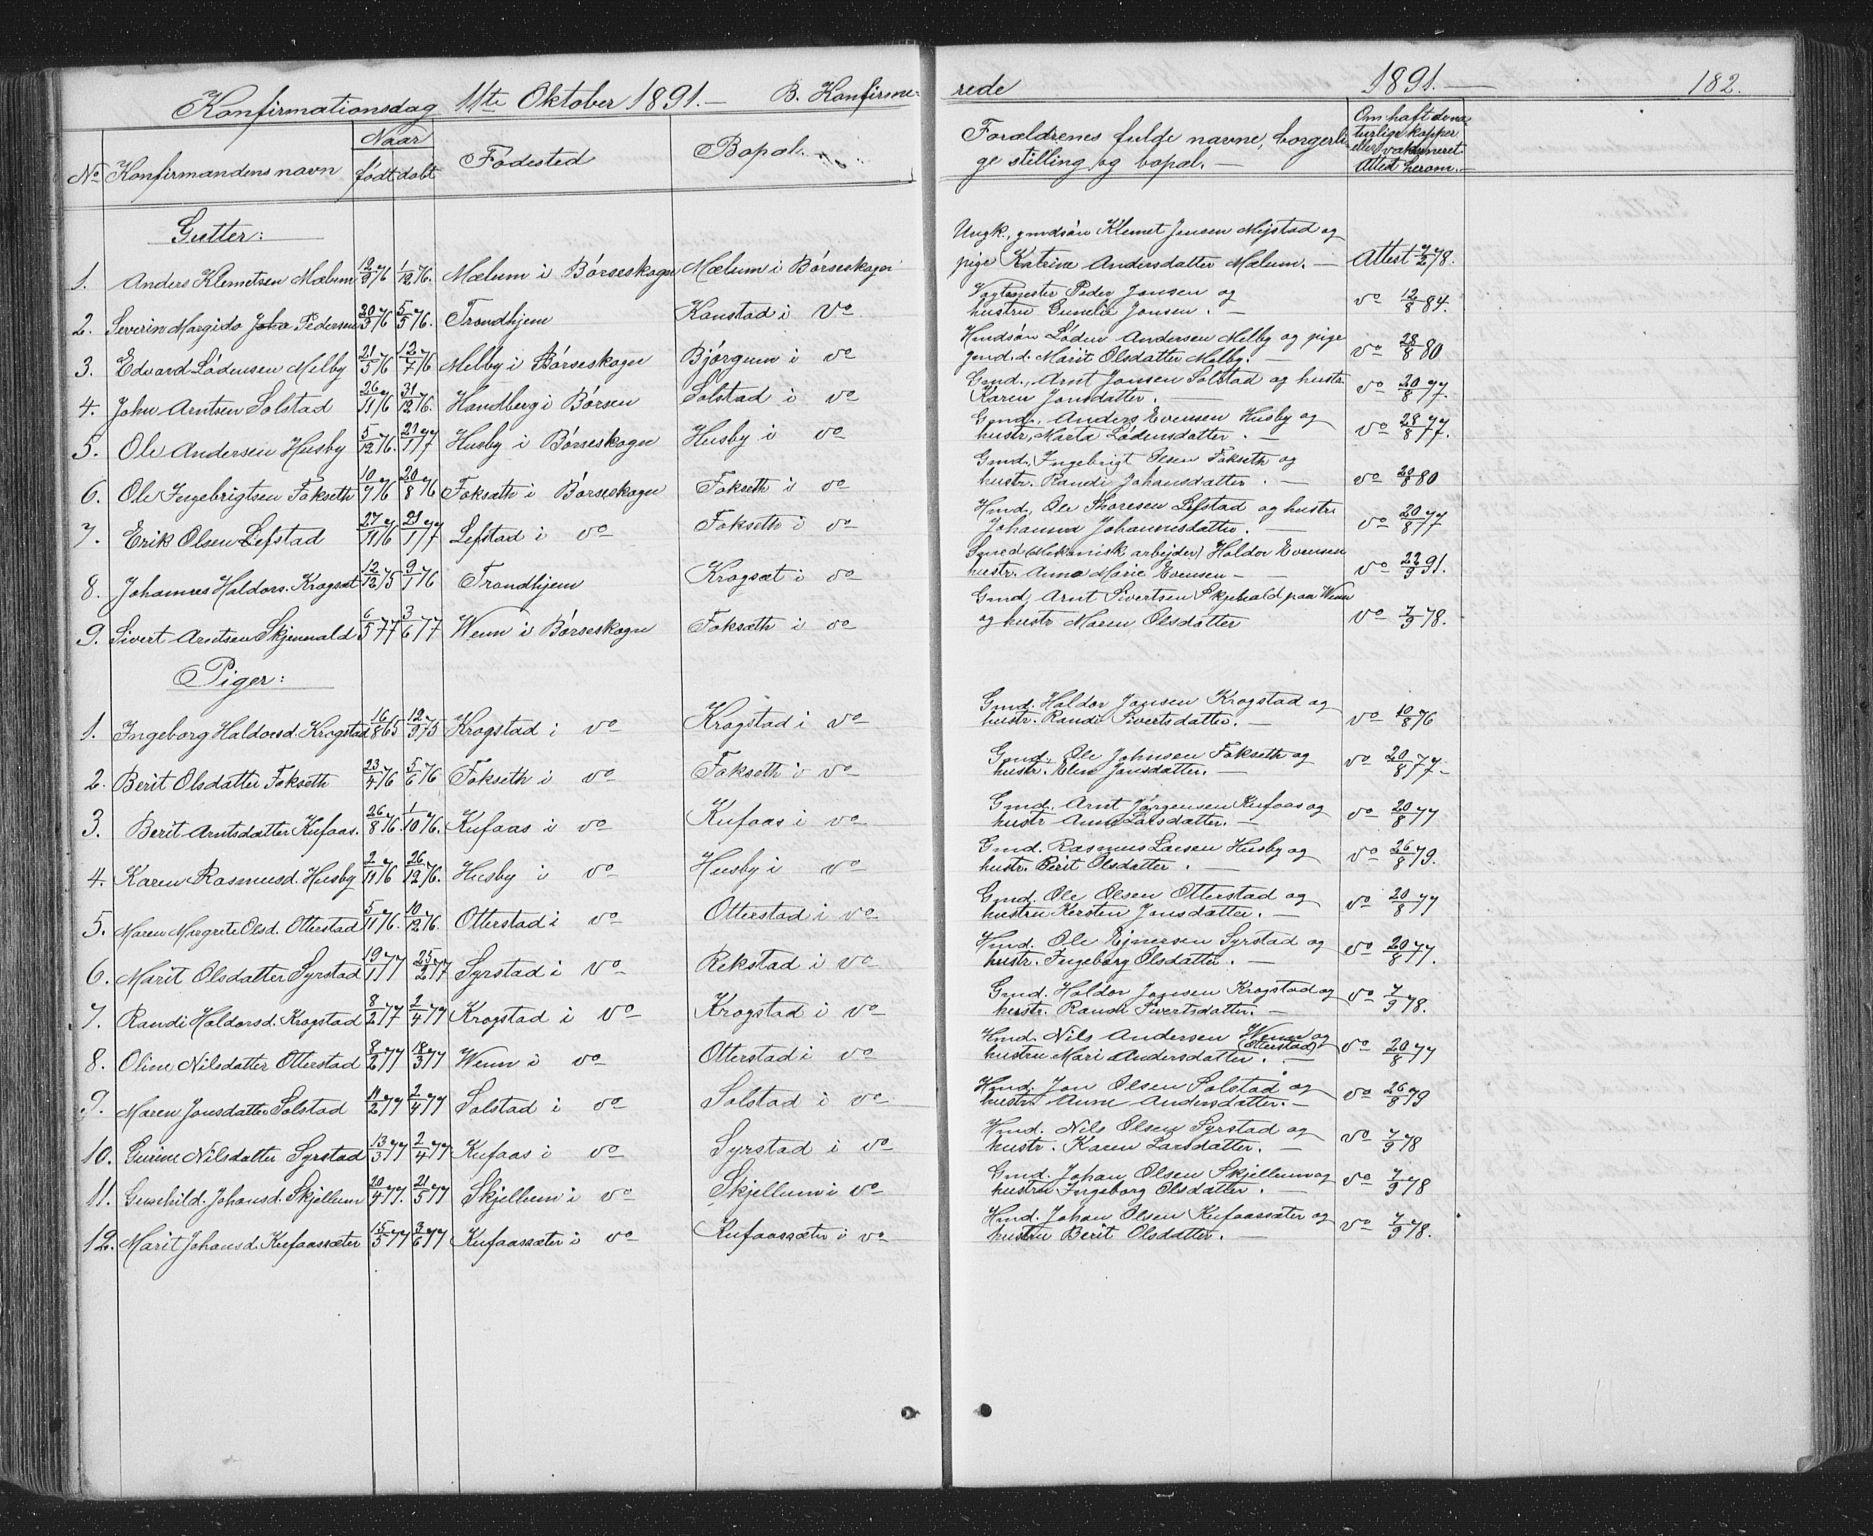 SAT, Ministerialprotokoller, klokkerbøker og fødselsregistre - Sør-Trøndelag, 667/L0798: Klokkerbok nr. 667C03, 1867-1929, s. 182